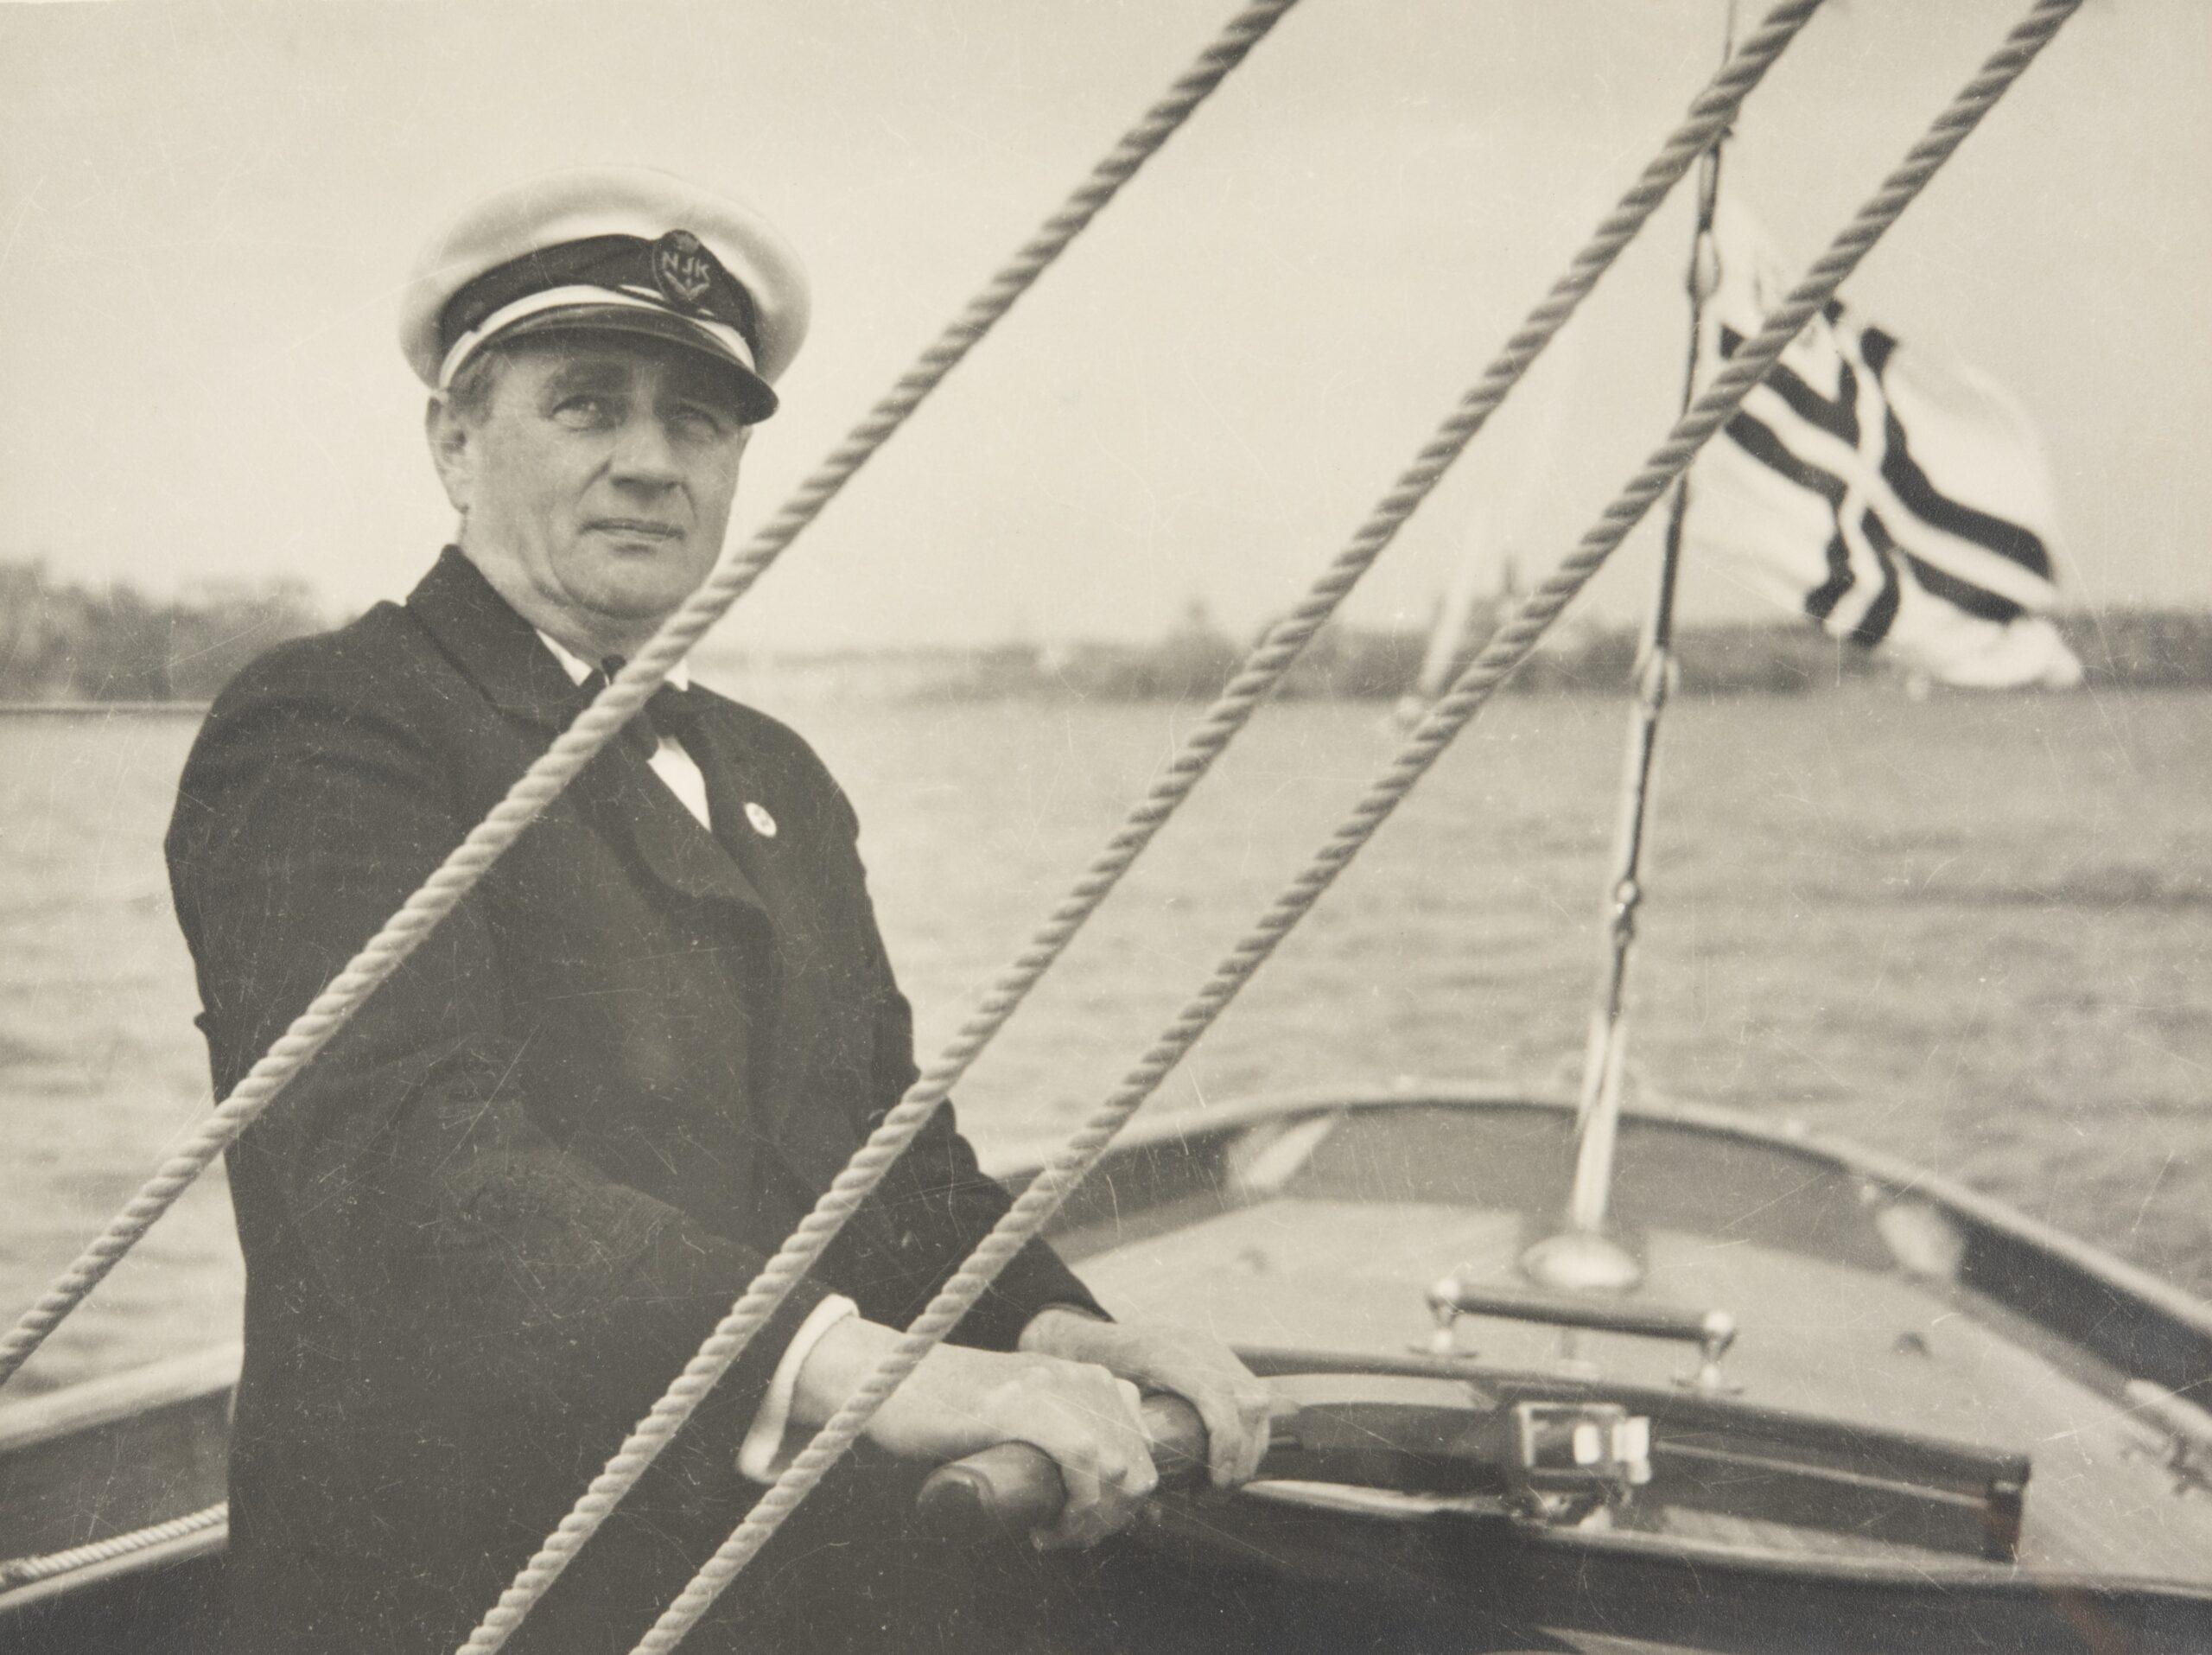 Henrik Ramsay till rors på sin kära Regina någon gång under senare delen av 1940-talet. Foto Foto ©Helsingfors stadsmuseum